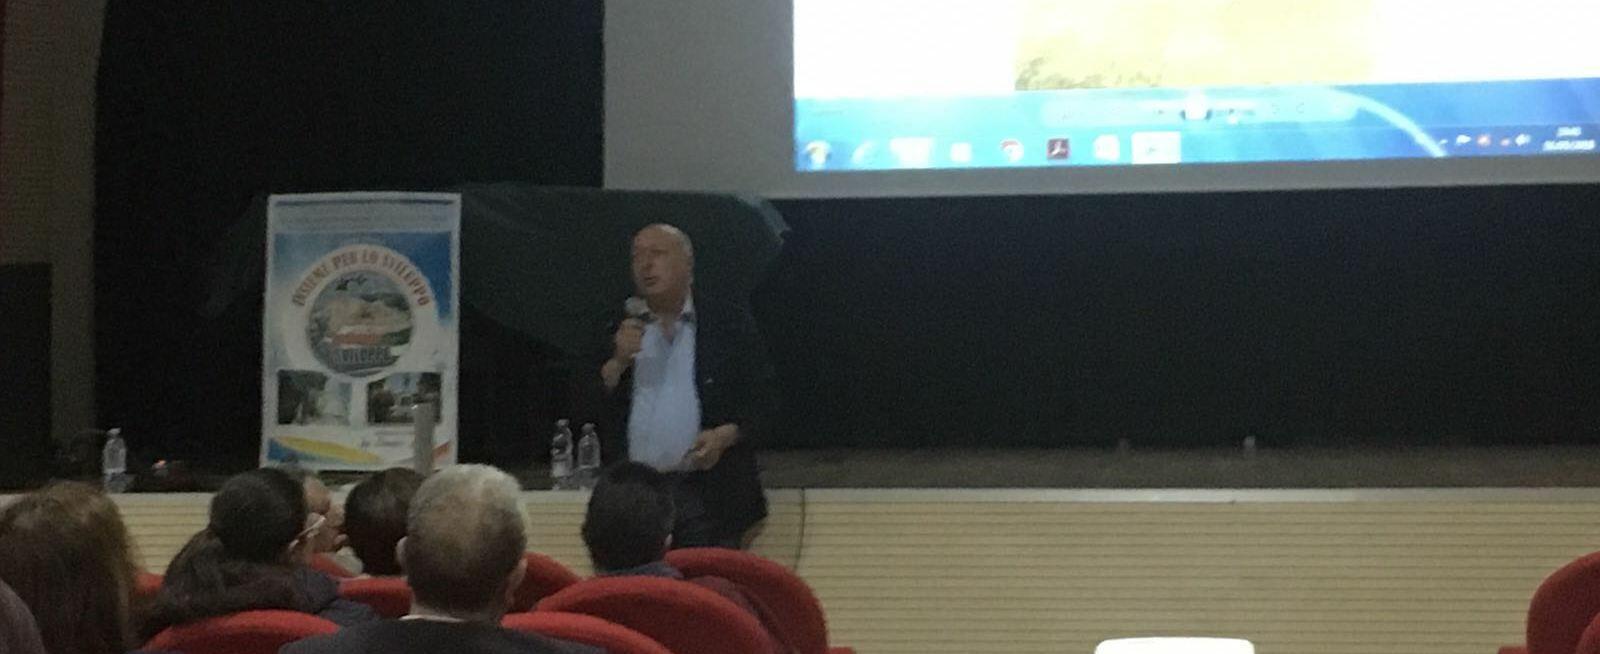 Rottura fra Loccisano e Mazzaferro-Depino: l'iniziativa di Insieme per lo Sviluppo conferma